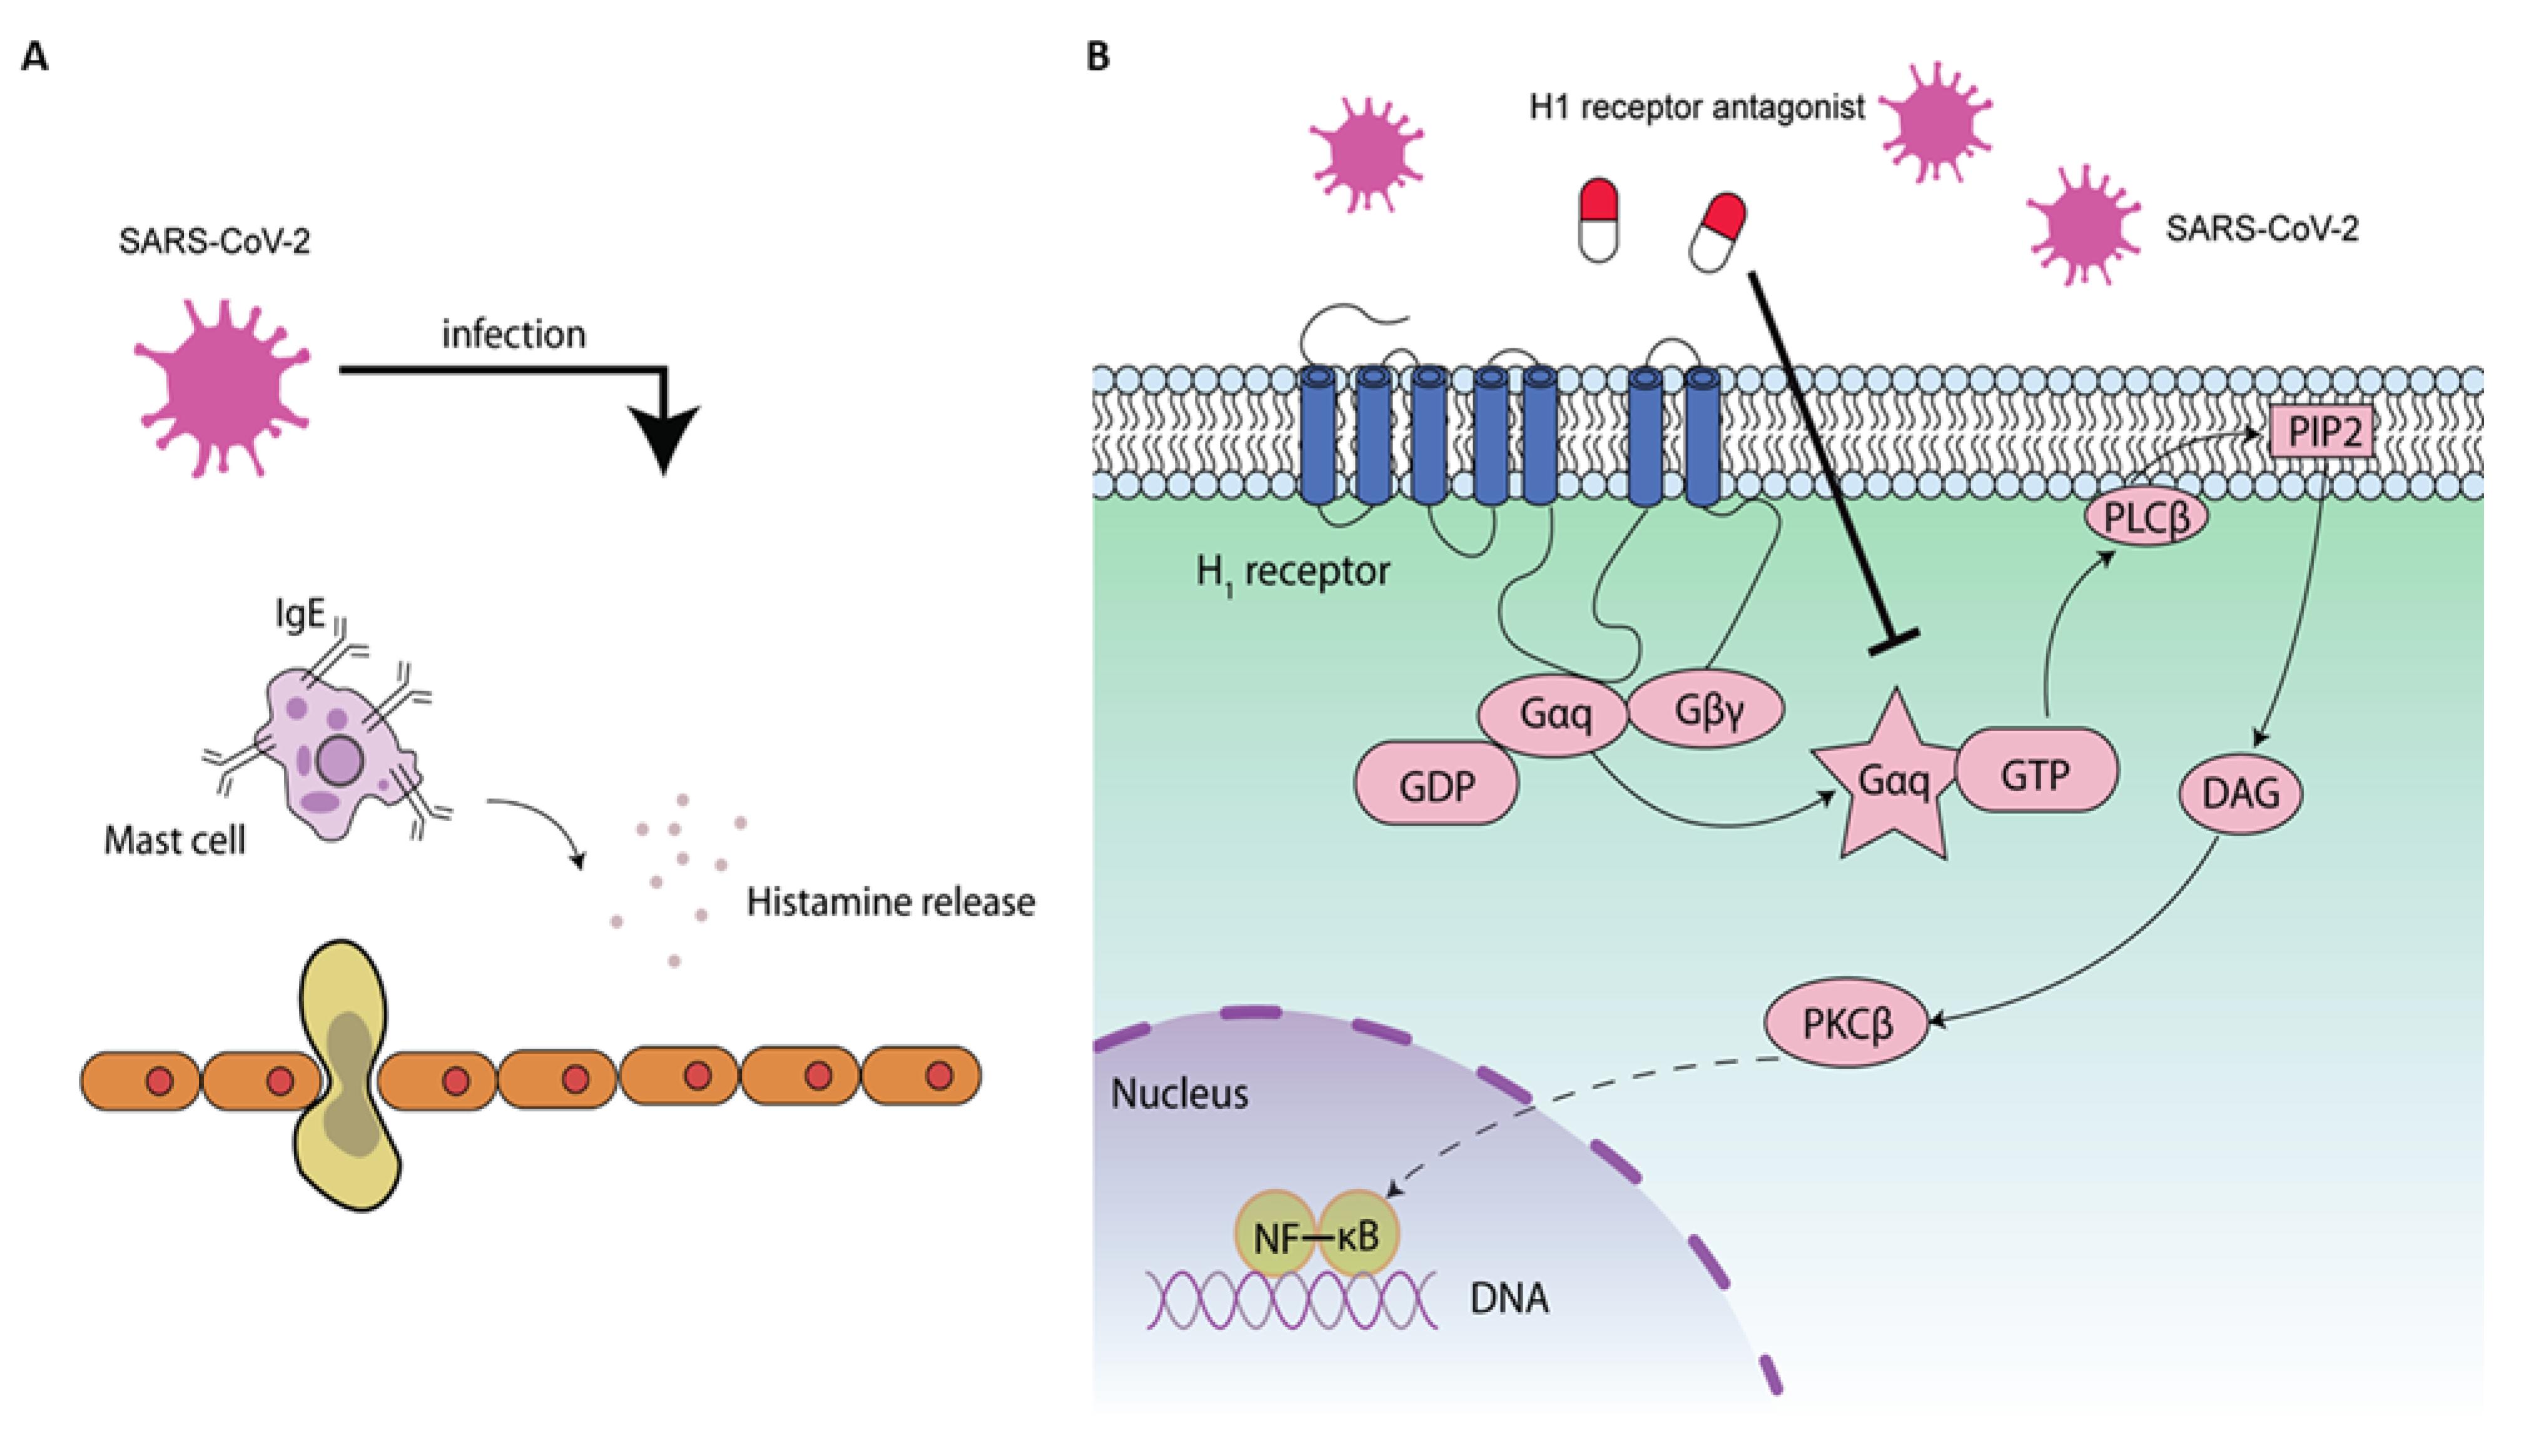 Рисунок 2. Возможные противовирусные механизмы антагонистов рецептора H1 на КВ2. Инфекция КВ2 приводит к высвобождению гистамина ( A ) и активирует передачу сигналов NF-κB ( B ), что приводит к усилению воспалительного ответа для облегчения его репликации [ 81 ]. Опосредованная гистамином передача сигналов NF-κB была связана с активацией вышестоящей фосфолипазы C (PLC) и протеинкиназы C (PKC) [ 82 ]. Активация NF-κB гистамином может блокироваться антагонистами рецептора H1 [ 83 ]. Антагонисты рецептора H1 могут ингибировать передачу сигналов NF-κB посредством зависимых от рецептора H1 или независимых механизмов